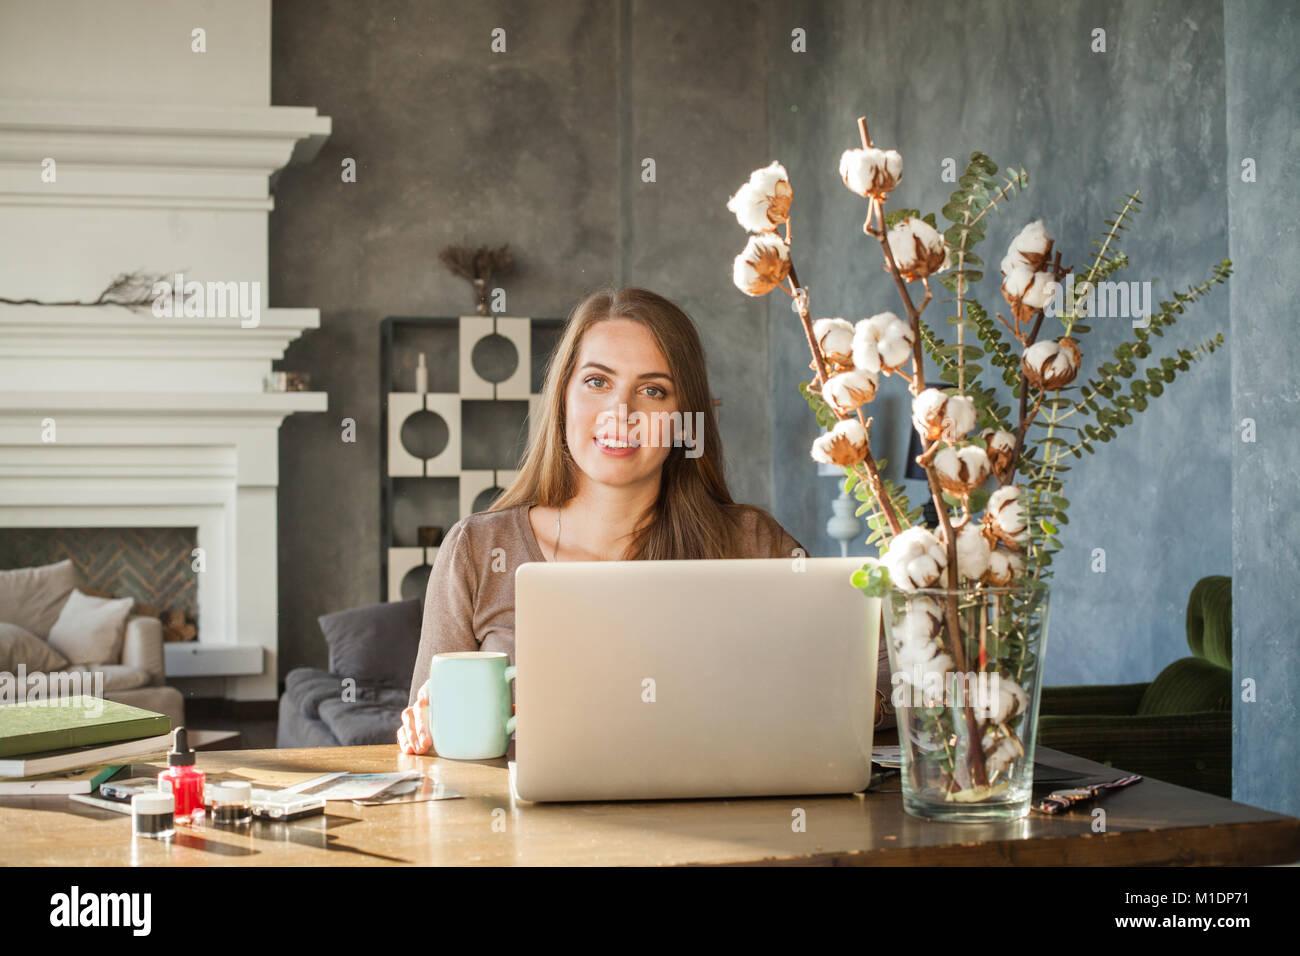 Modello Allegra donna tramite il computer. Ritratto di belle sorridenti giovane donna con il computer portatile Immagini Stock